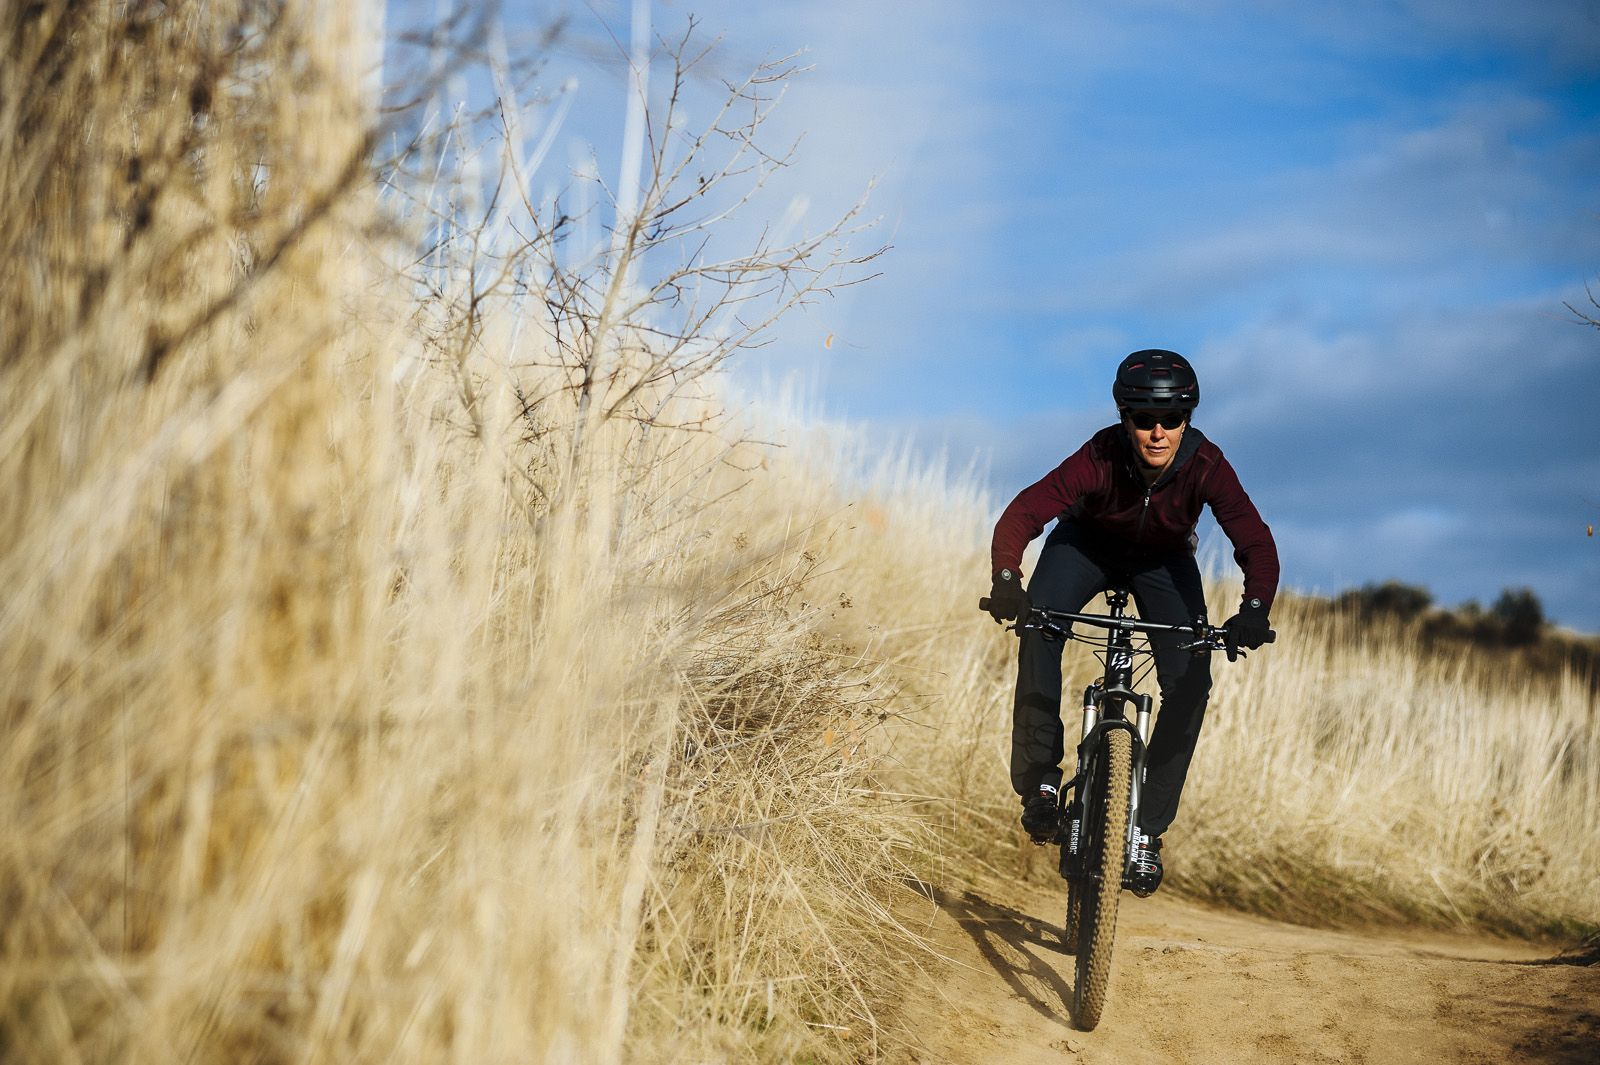 Club Ride Apparel Fall Winter 2015 Queen Anne Biking Red Sun Valley Idaho